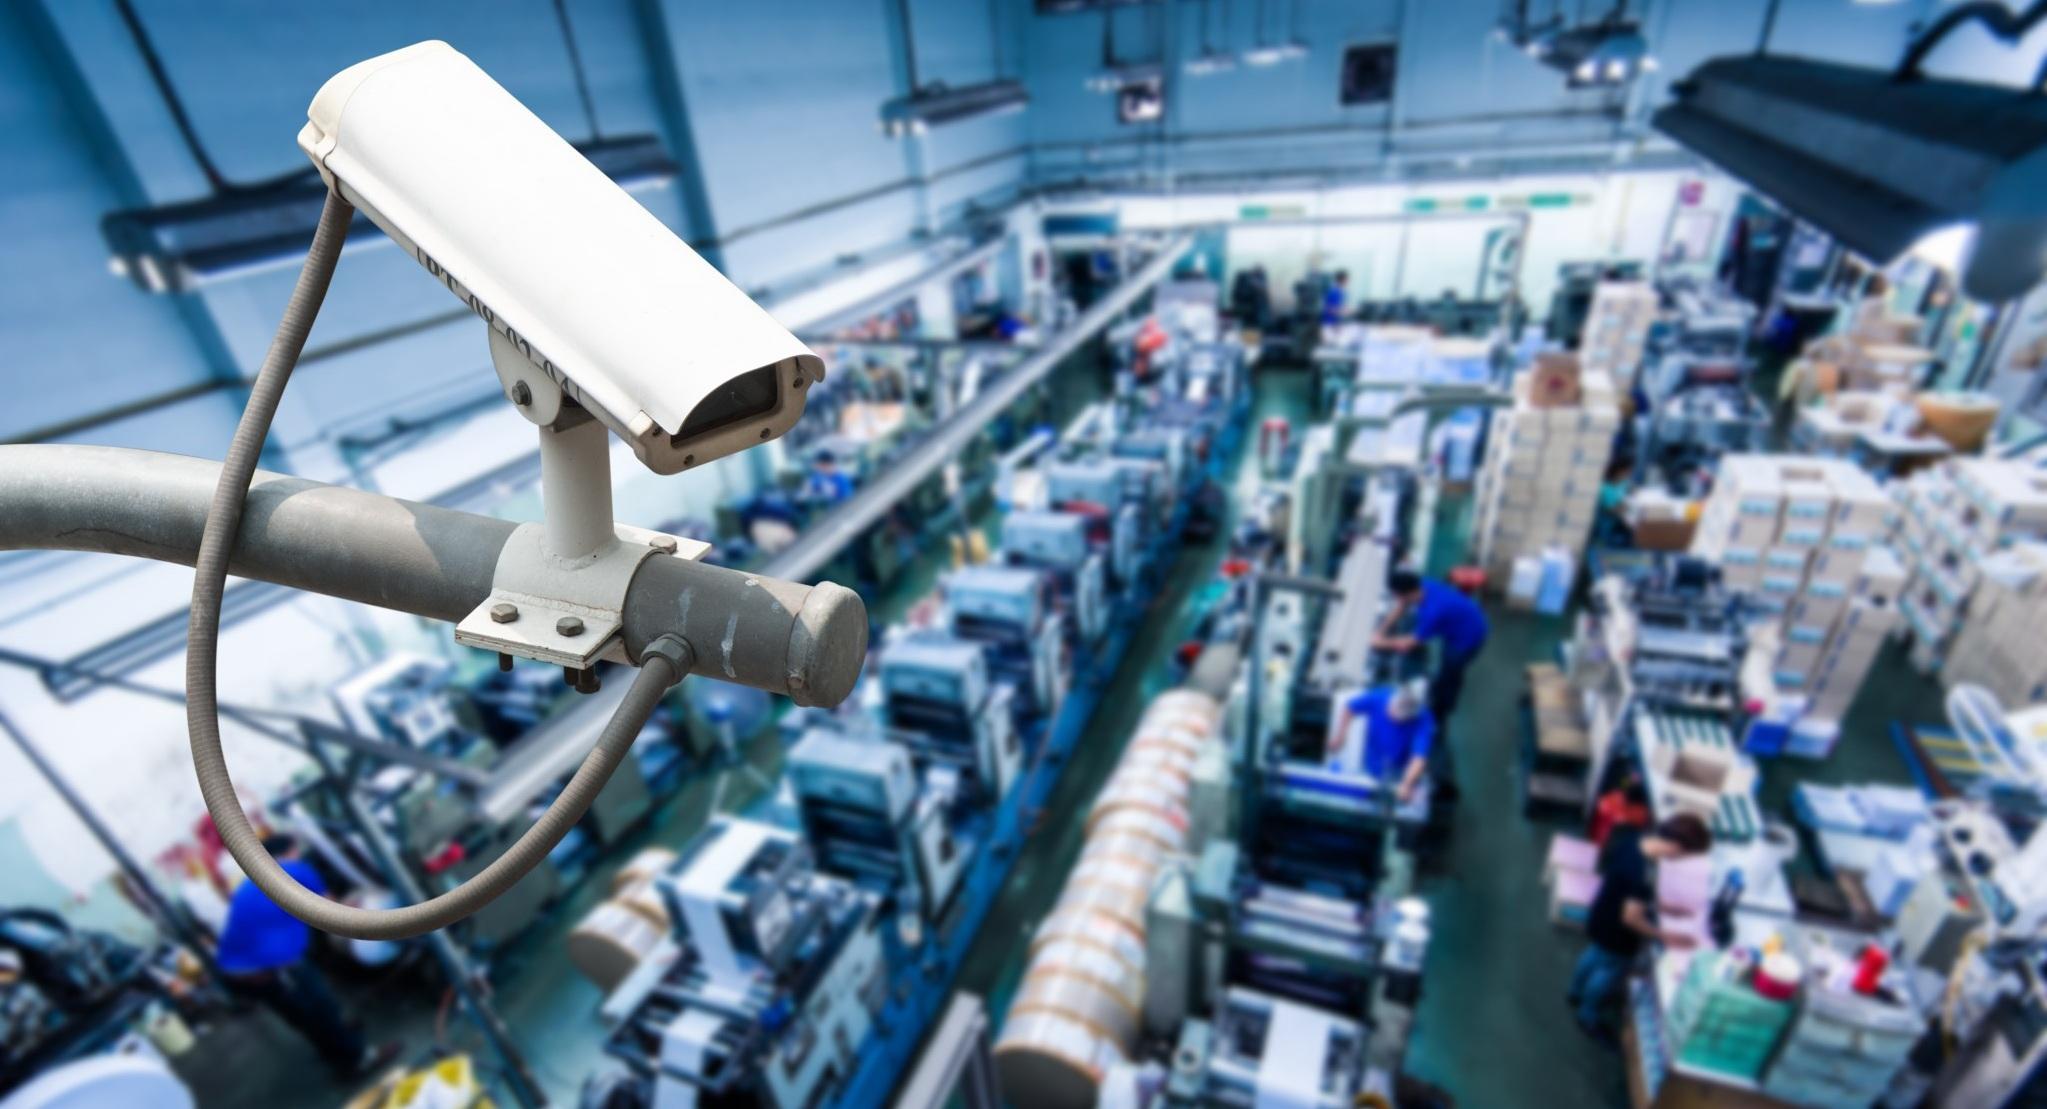 Відеоспостереження на виробництві